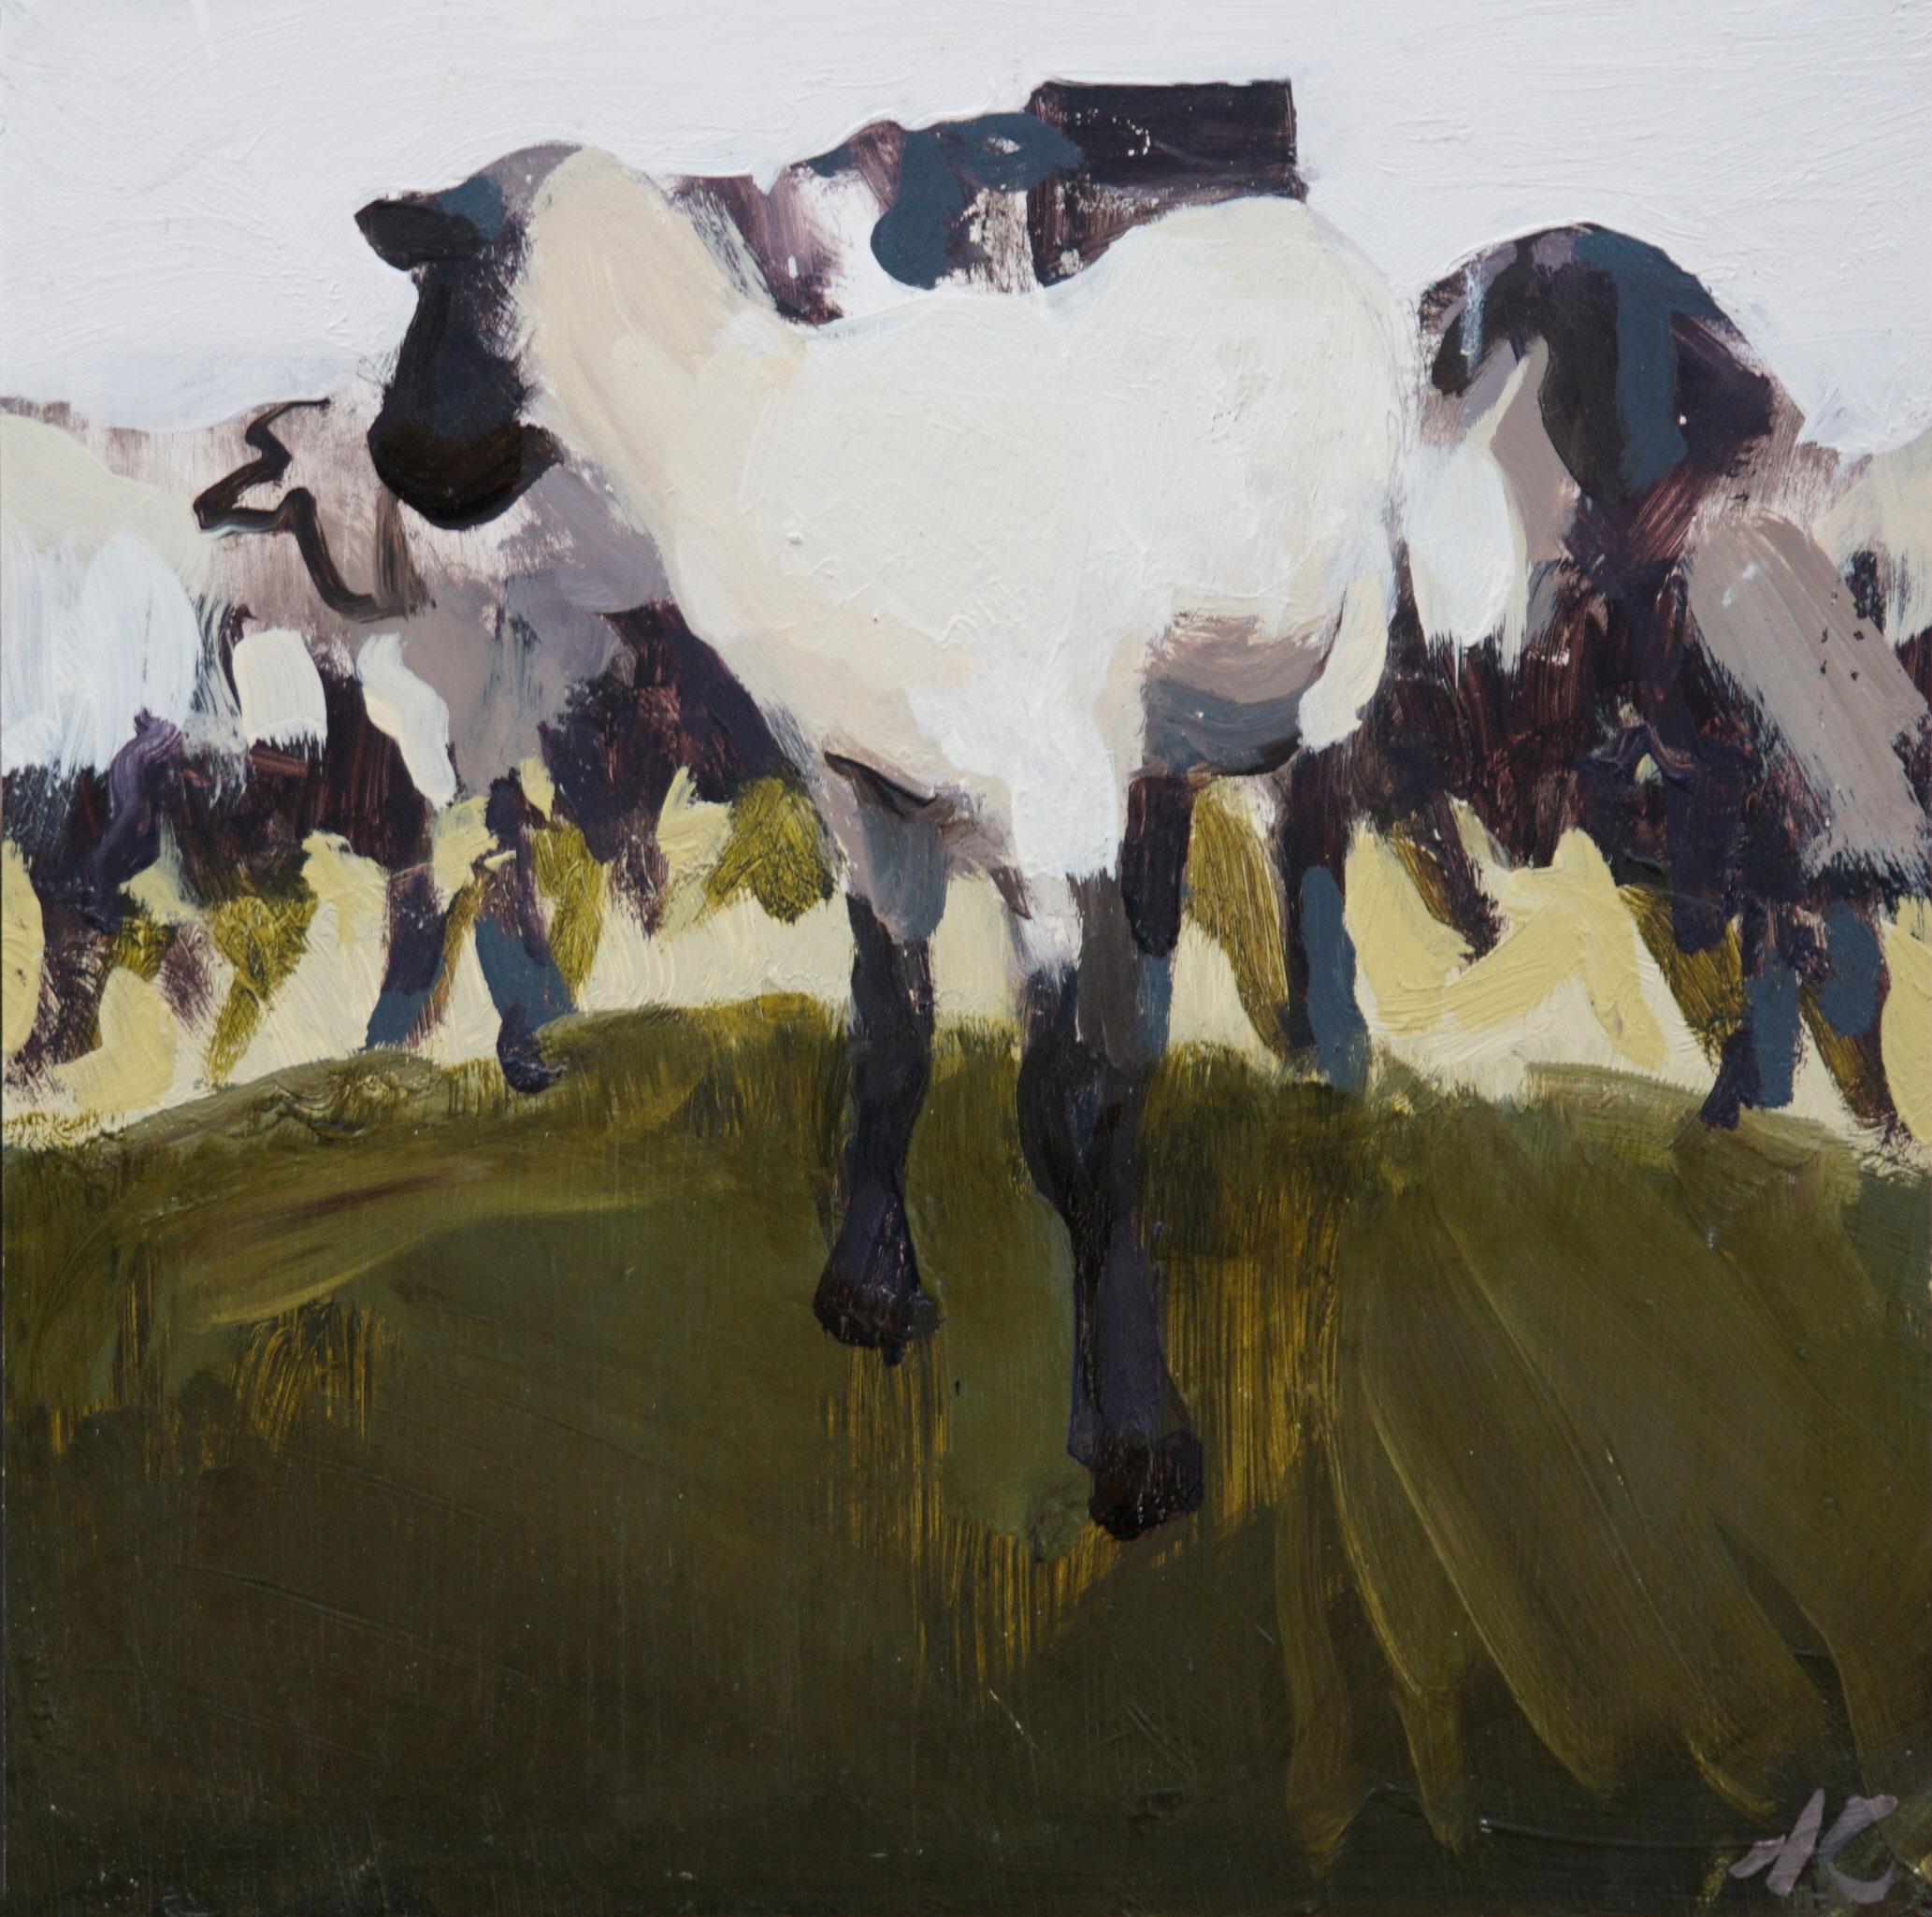 mark-crenshaw-17013-lamb-turning-small.jpg